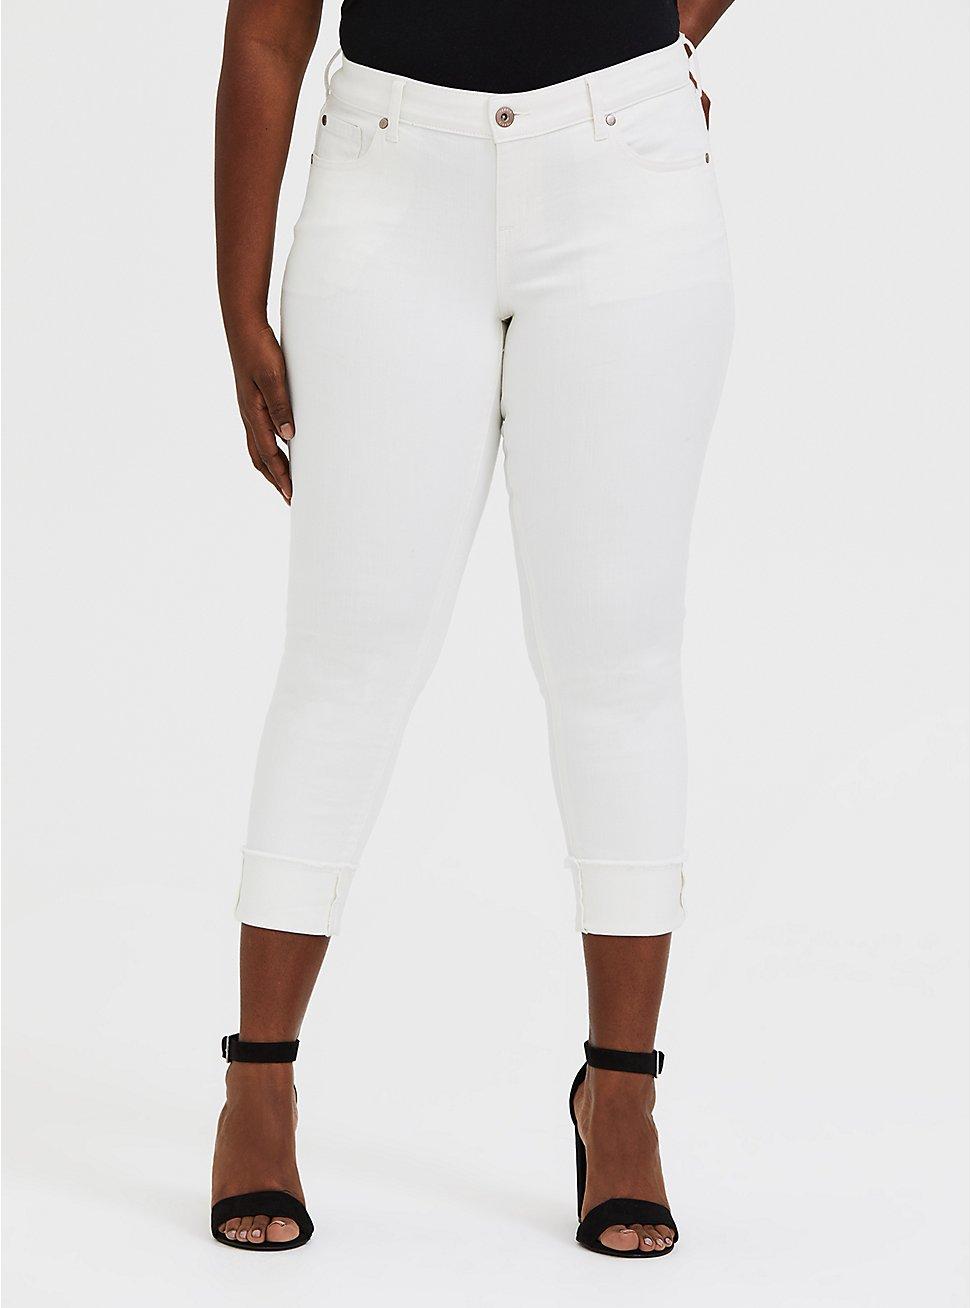 Crop Boyfriend Jean - Vintage Stretch White, , fitModel1-hires